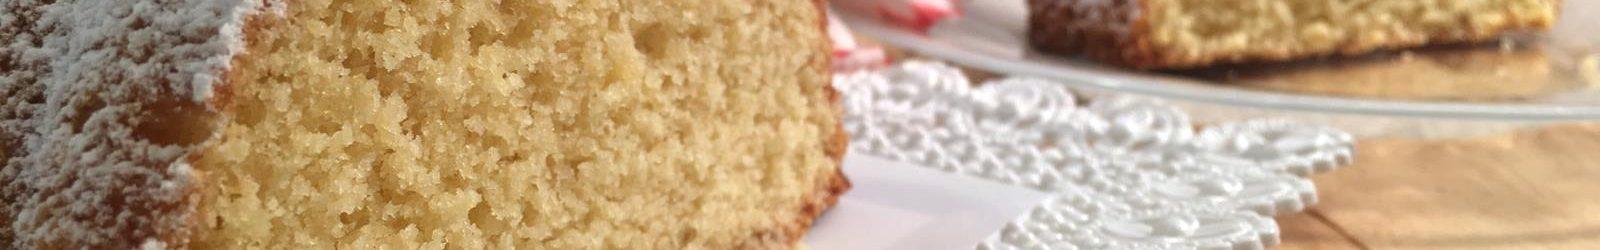 Amor polenta, dolce alla farina di mais – videoricetta